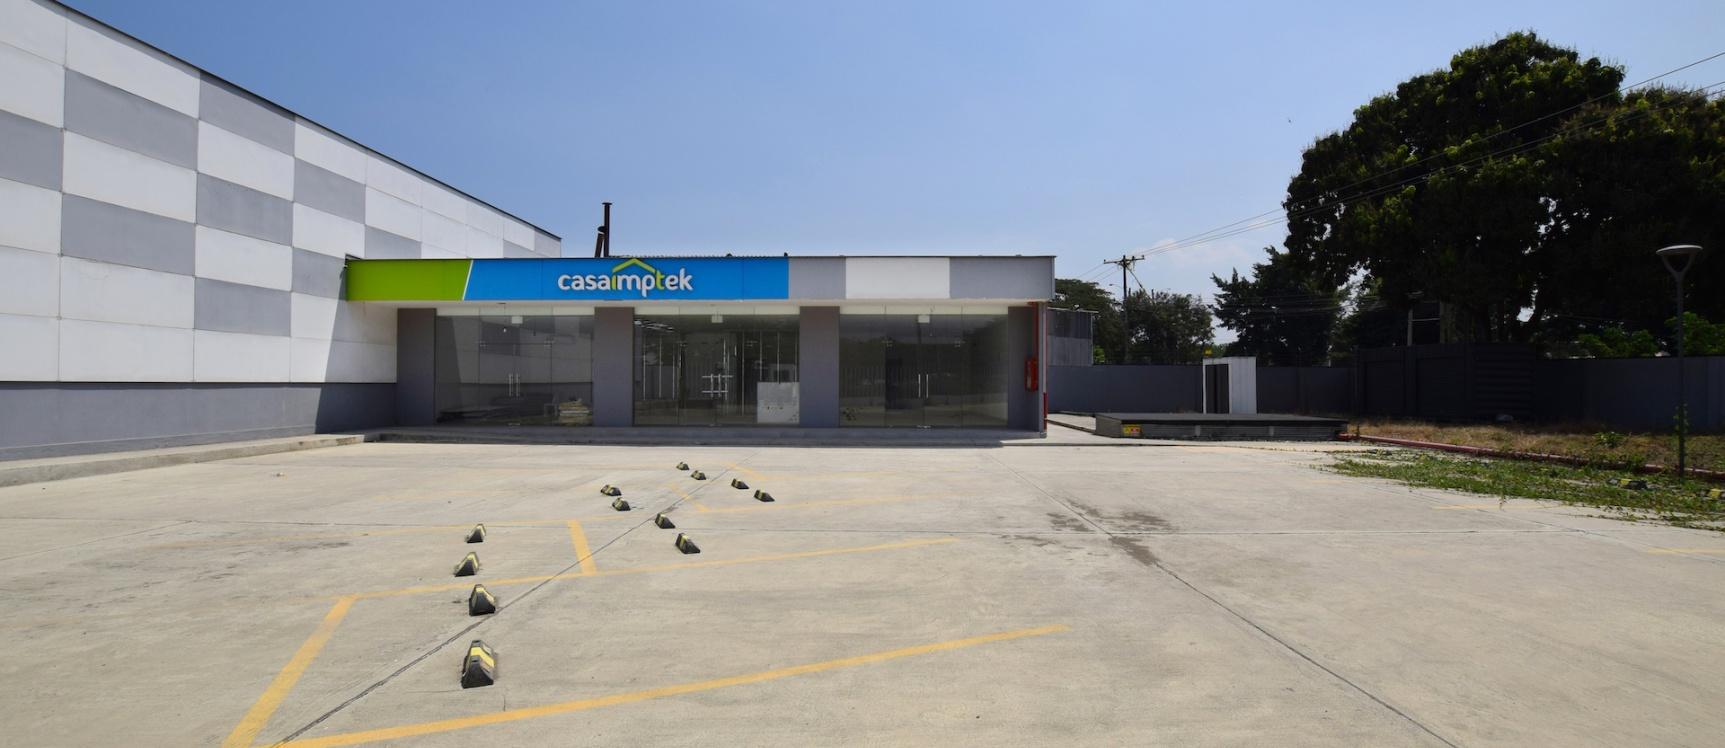 GeoBienes - Local Comercial en alquiler ubicado en Vía a la Costa, Guayaquil - Plusvalia Guayaquil Casas de venta y alquiler Inmobiliaria Ecuador